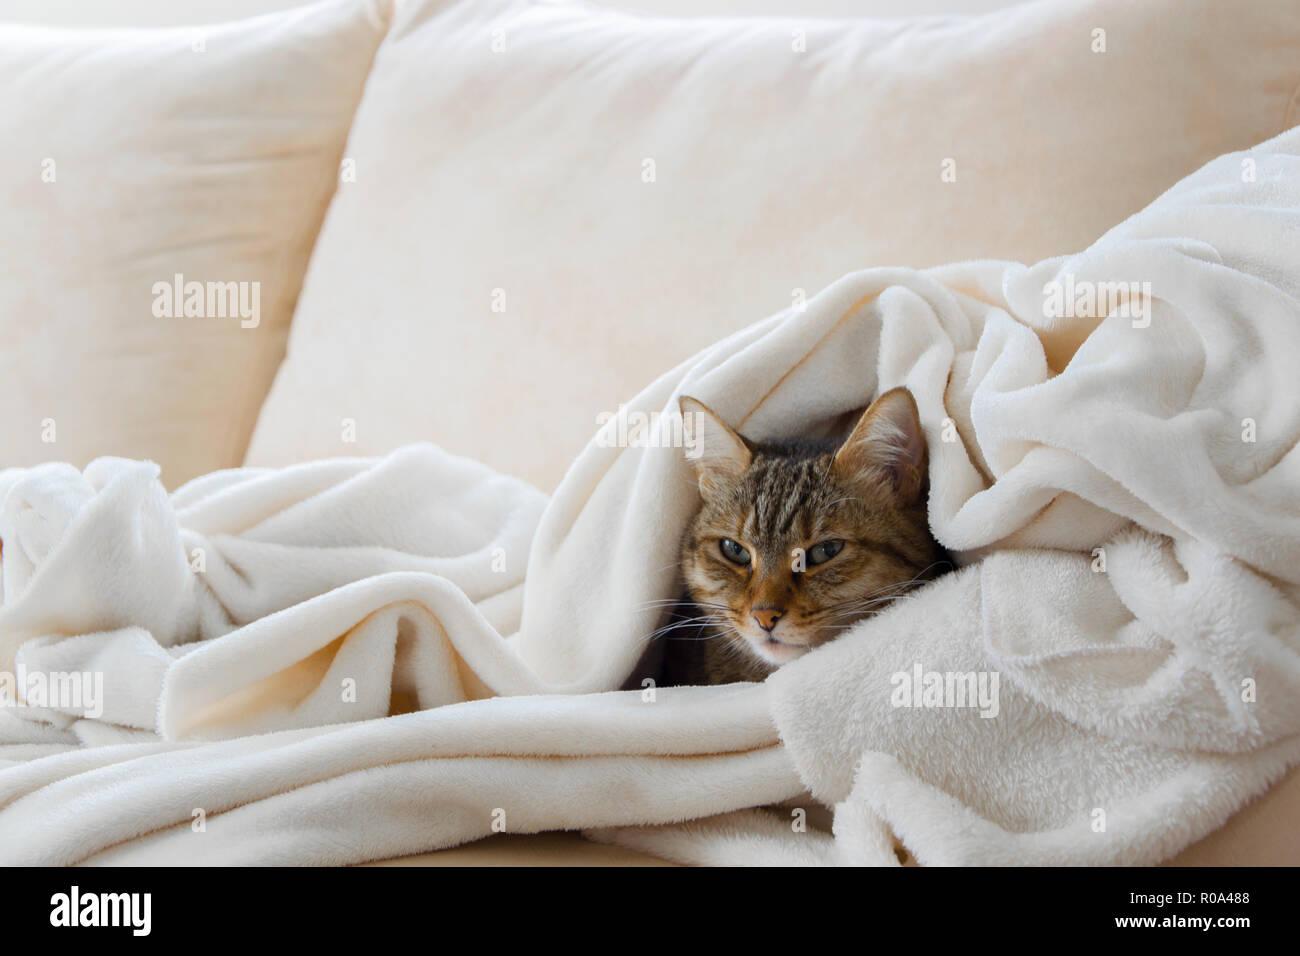 Bellissimo gatto europeo è rilassante nella soffice coltre bianca su un divano Immagini Stock